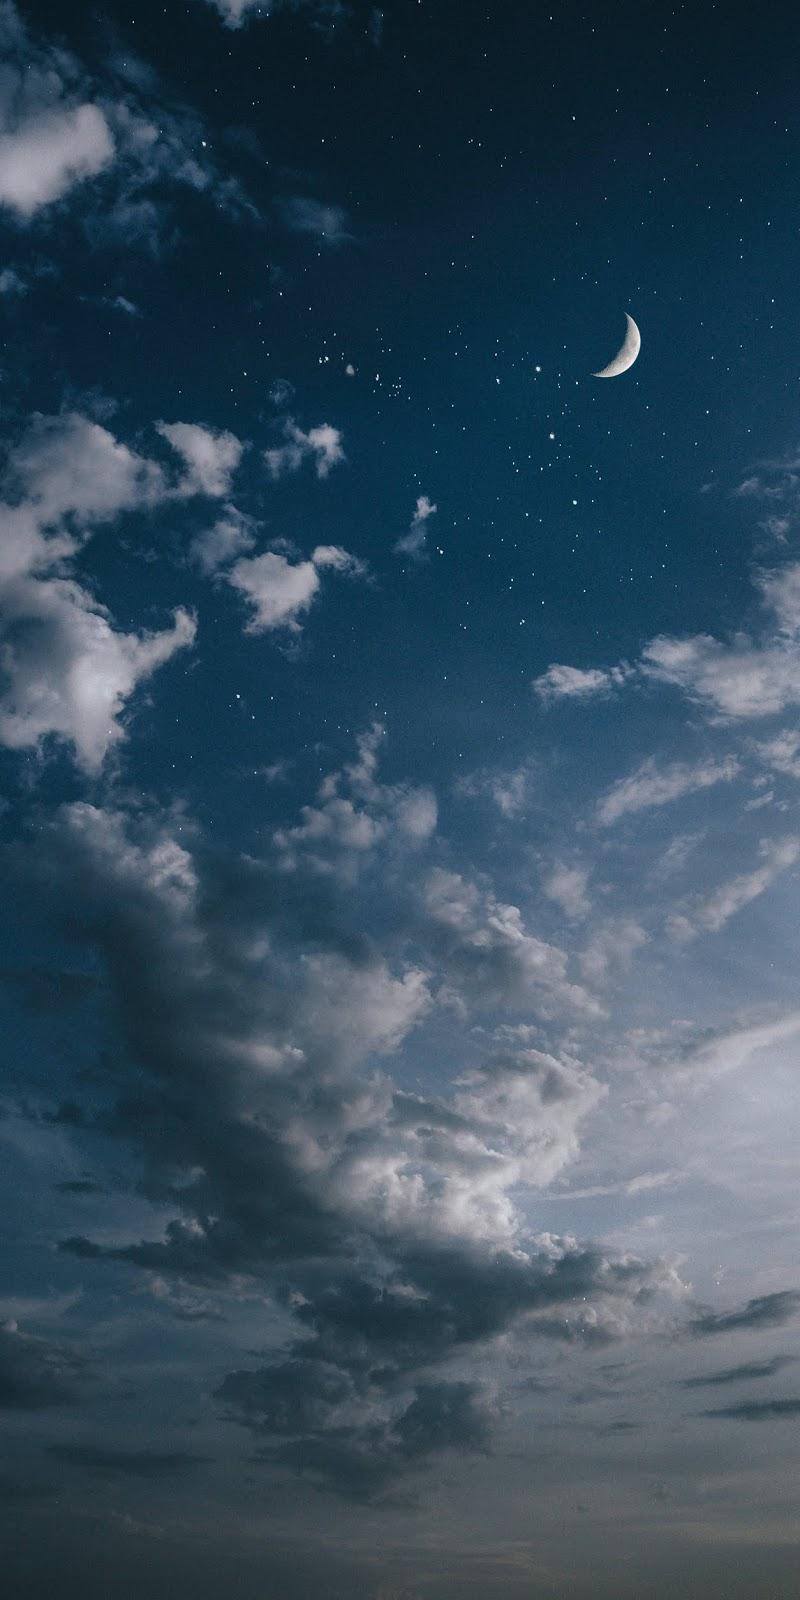 Bầu trời sao giữa màn đêm